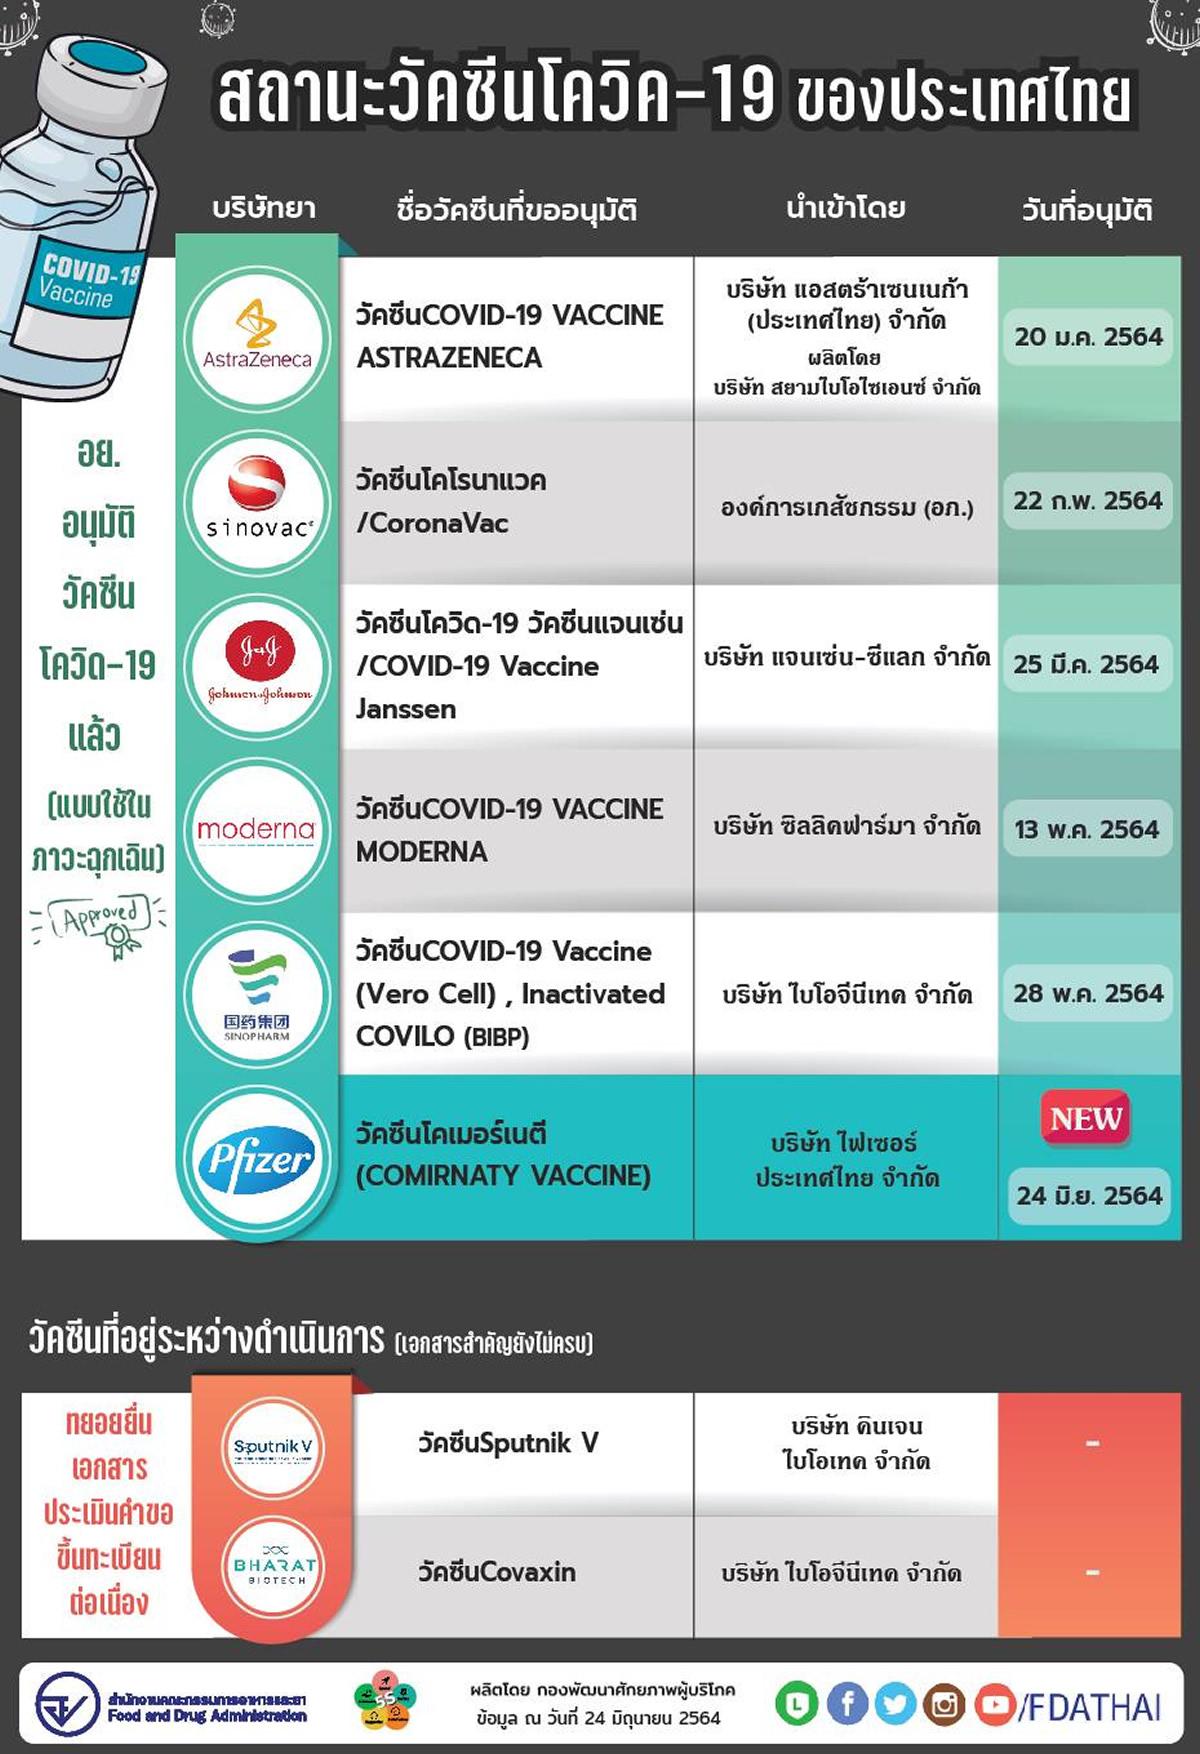 タイ、ファイザー製ワクチン「Comirnaty」を承認